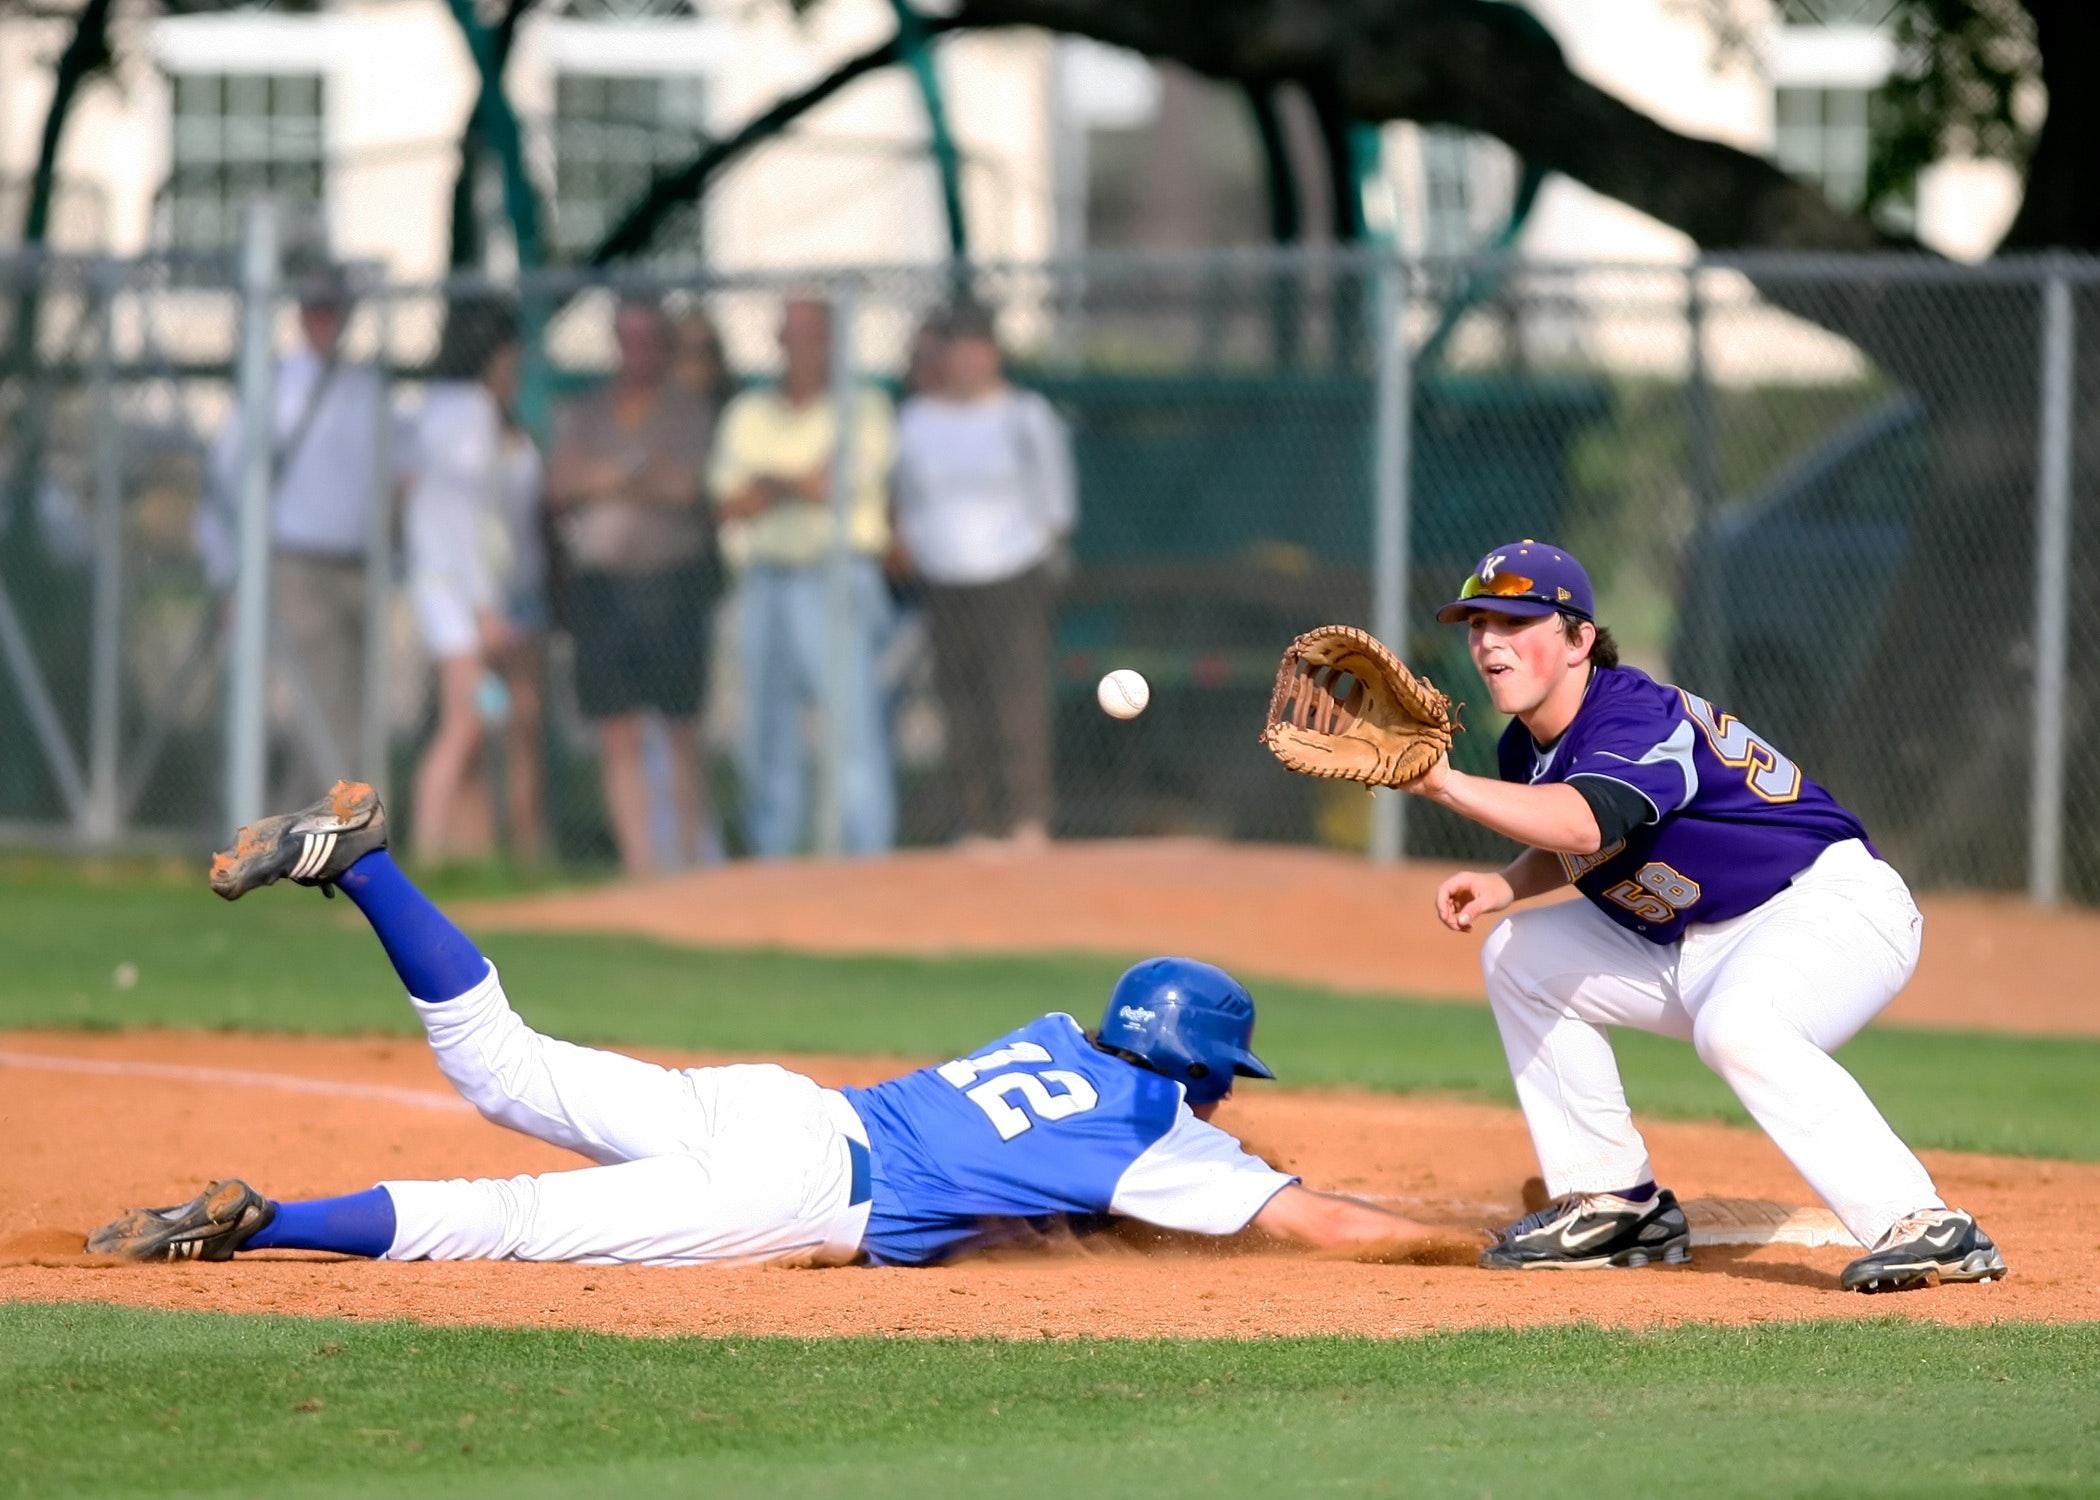 Menguasai Konsep Perubahan Pemain Baseball Lebih Baik